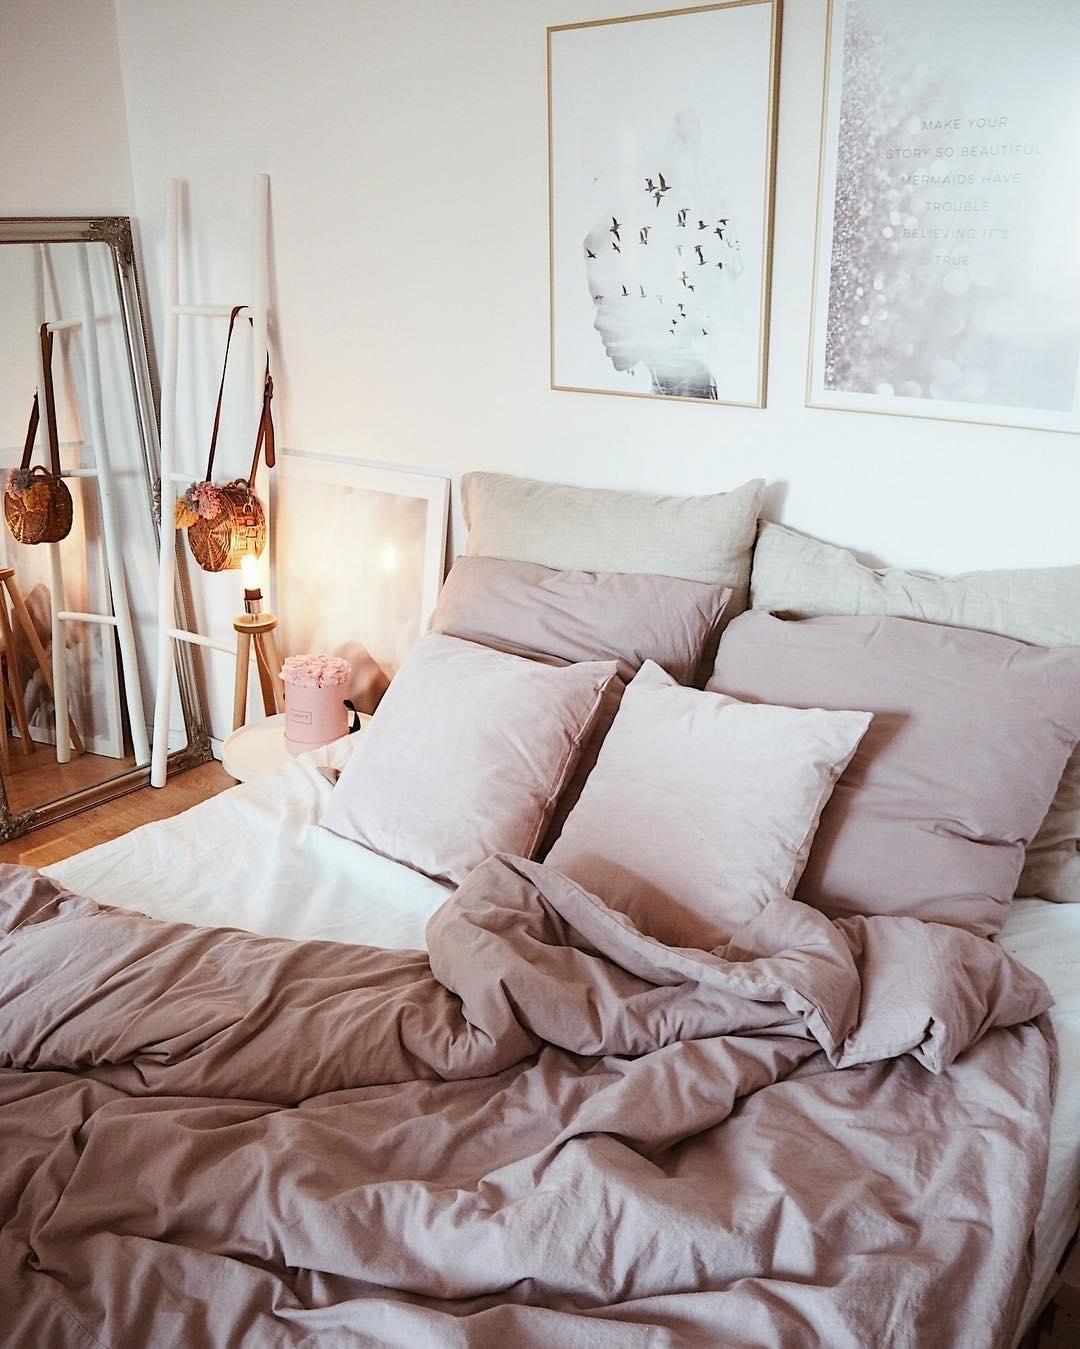 Ein Traum In Rosa Wunderschone Wohnaccessoires Kombiniert Mit Der Wunderbar Sanften Bettwasche Harper Aus Flanell S Bettwasche Schlafzimmer Wohnen Bettwasche